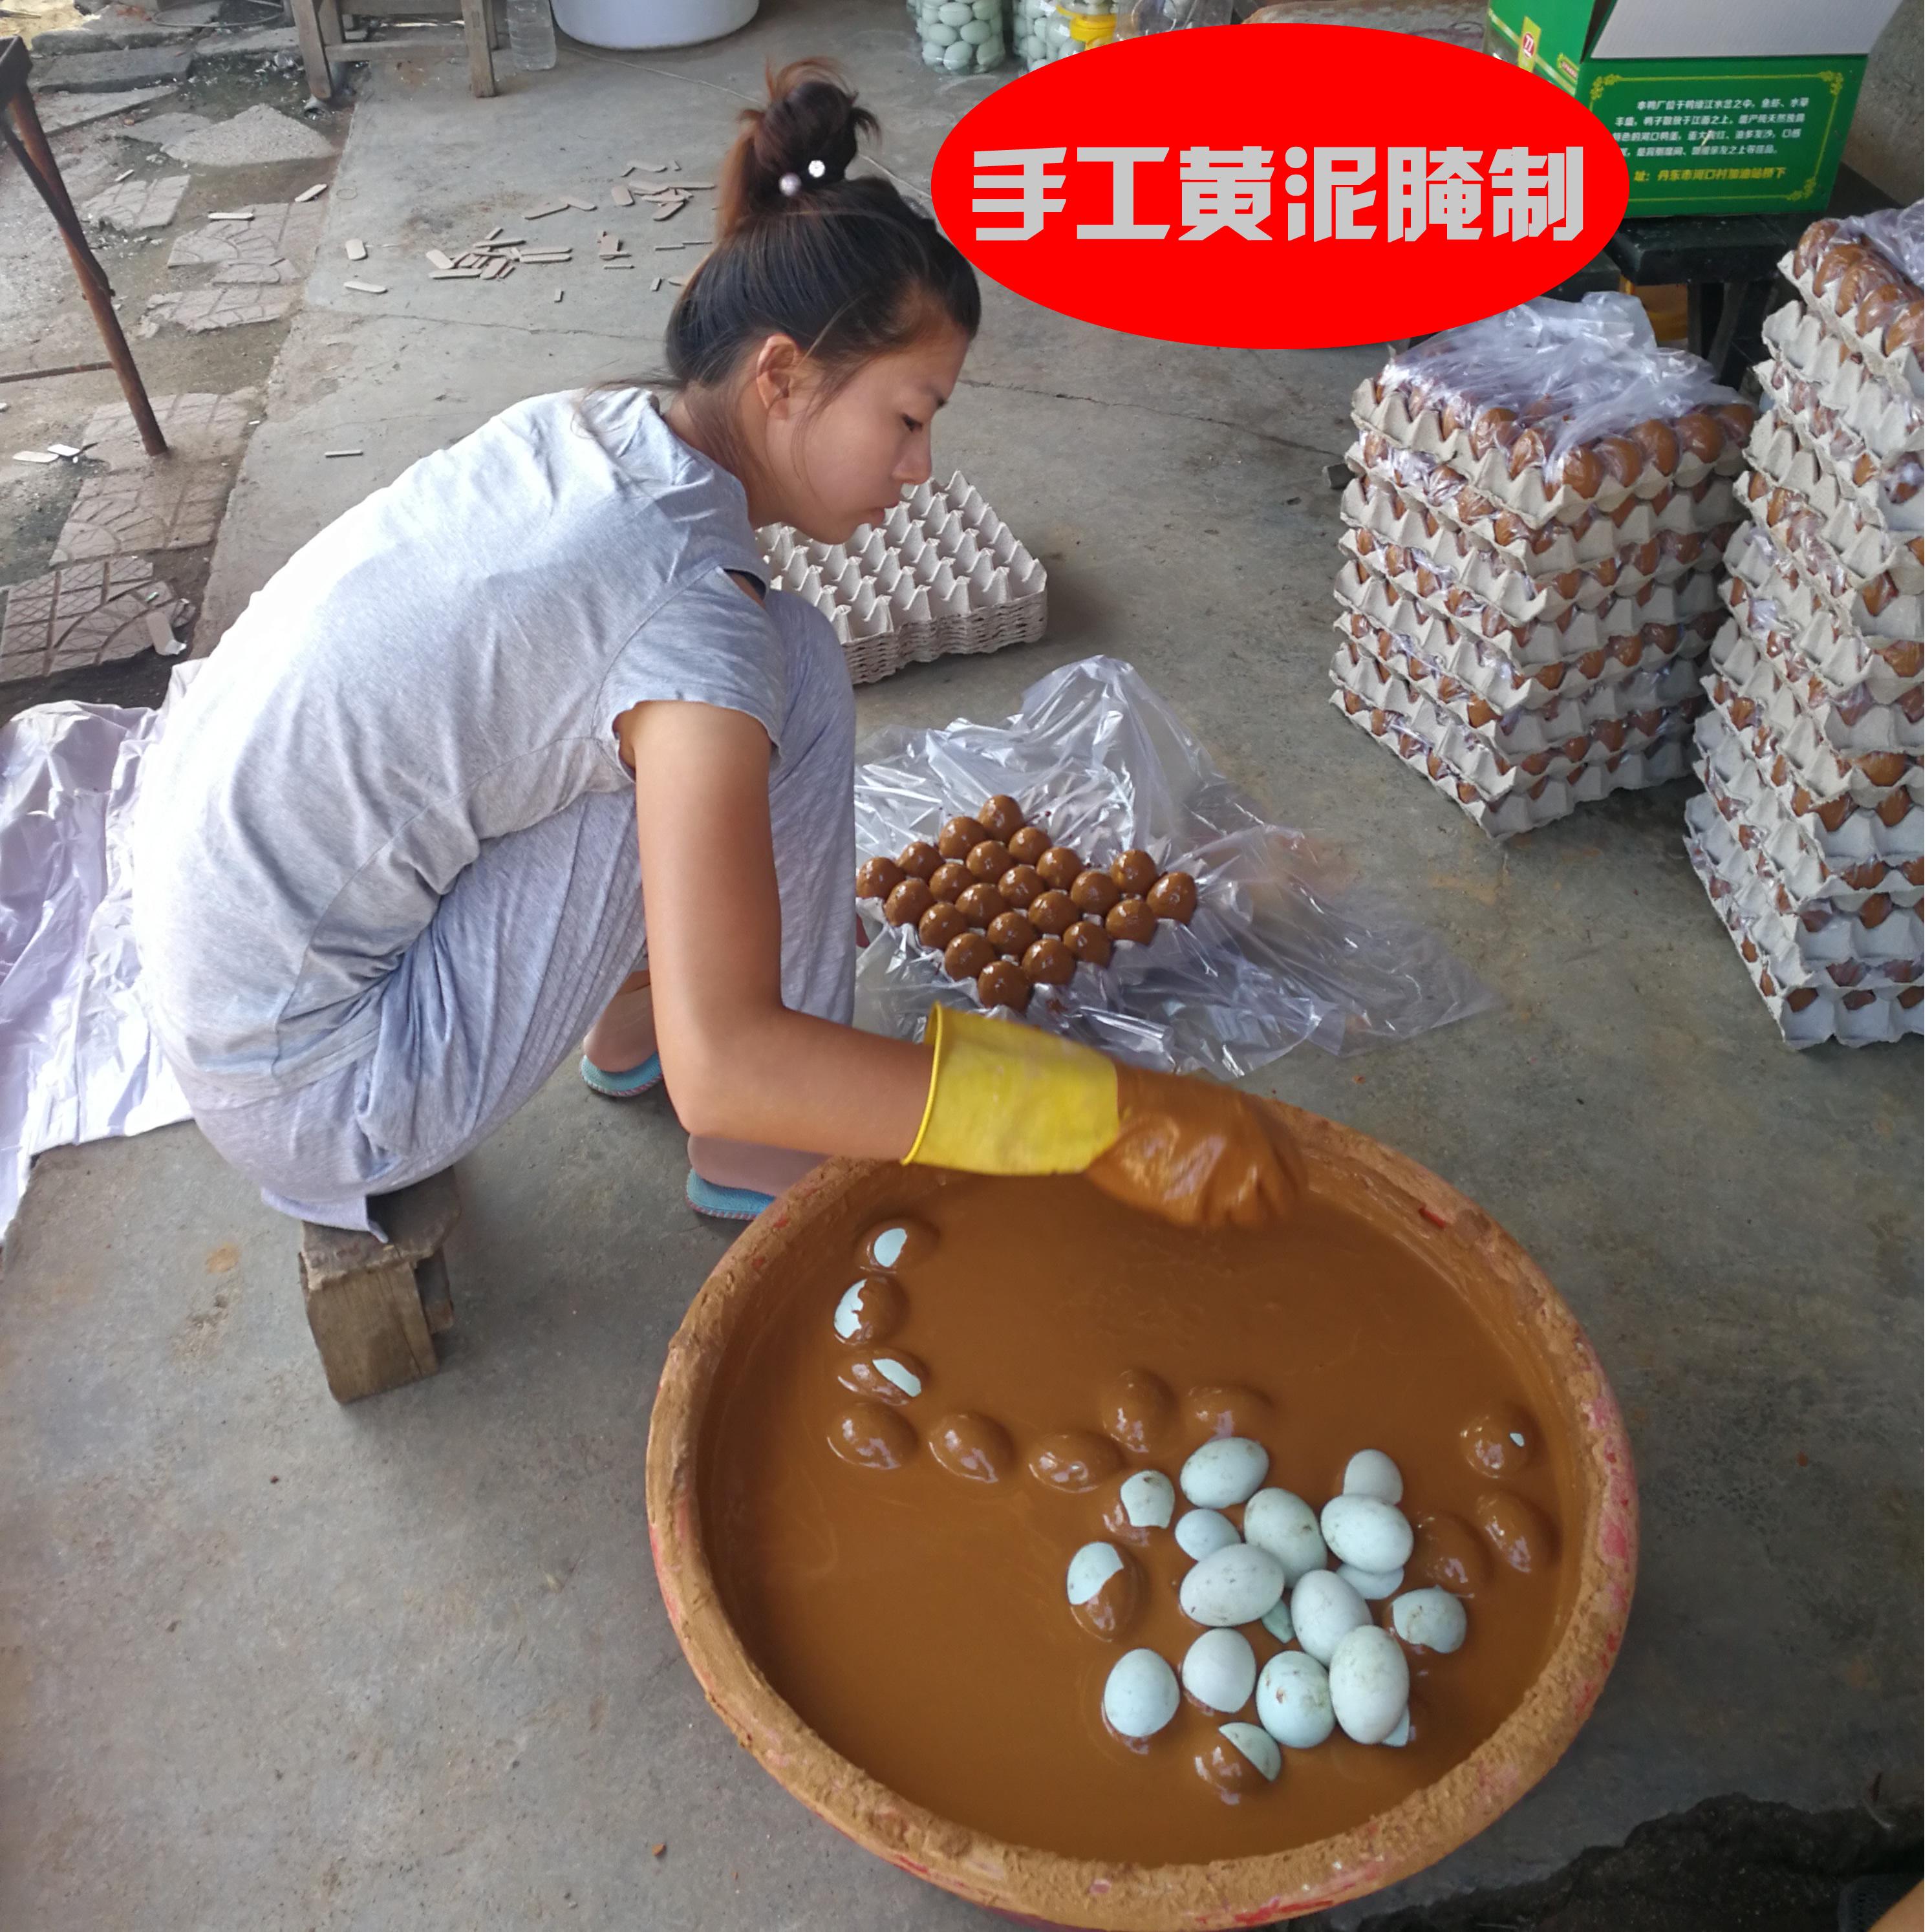 生咸鸭蛋咸蛋黄红心包黄泥糯米蛋月饼蛋黄酥烘培30枚丹东河口鸭蛋